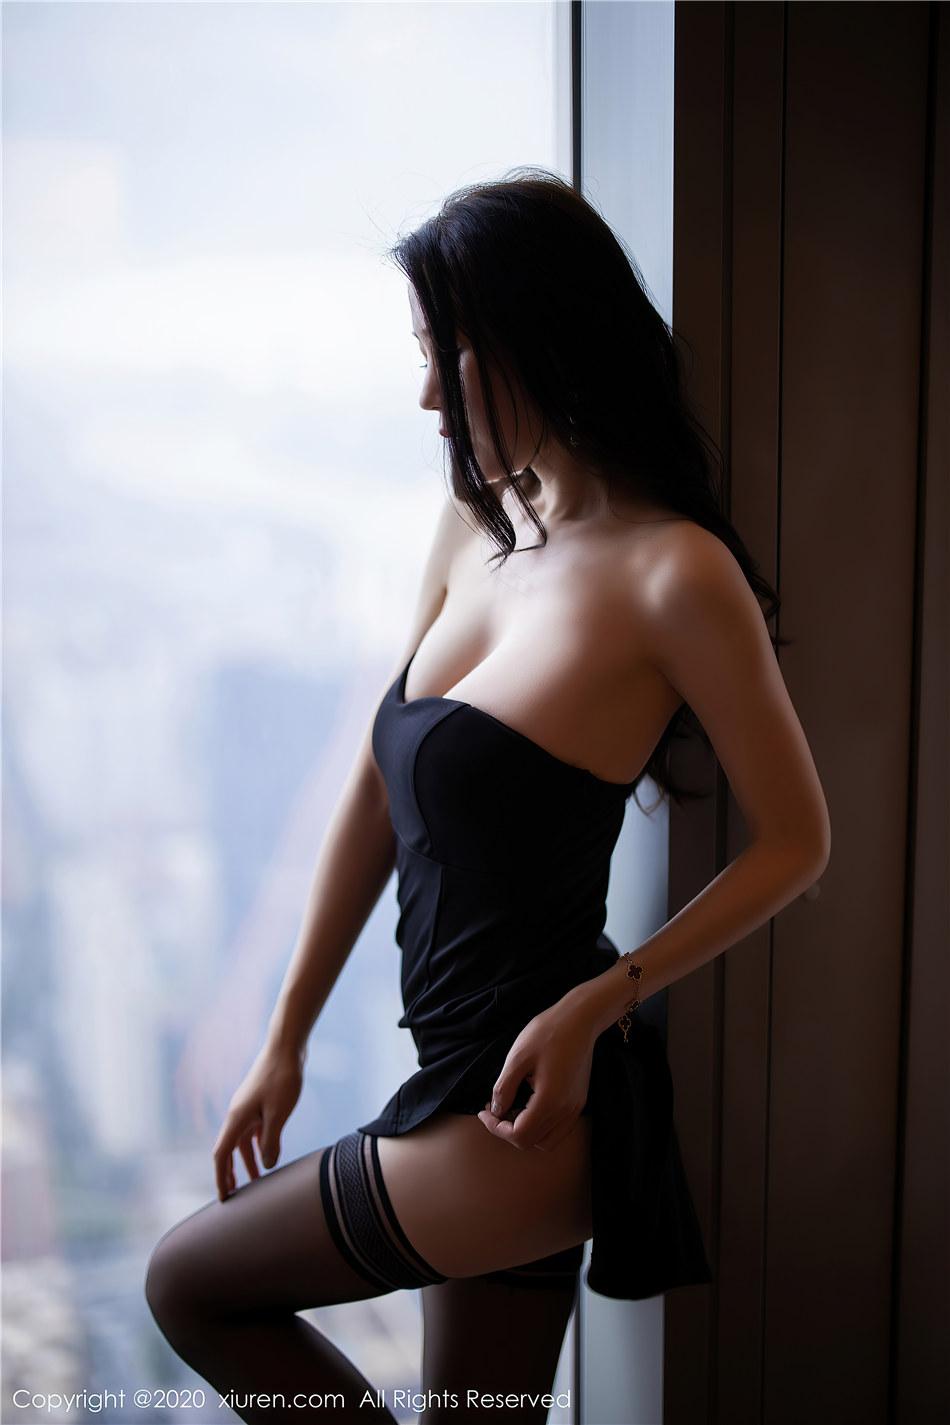 秀人网  极品嫩模梦心月抹胸超短裙美乳翘臀诱惑大胆写真  No.2217